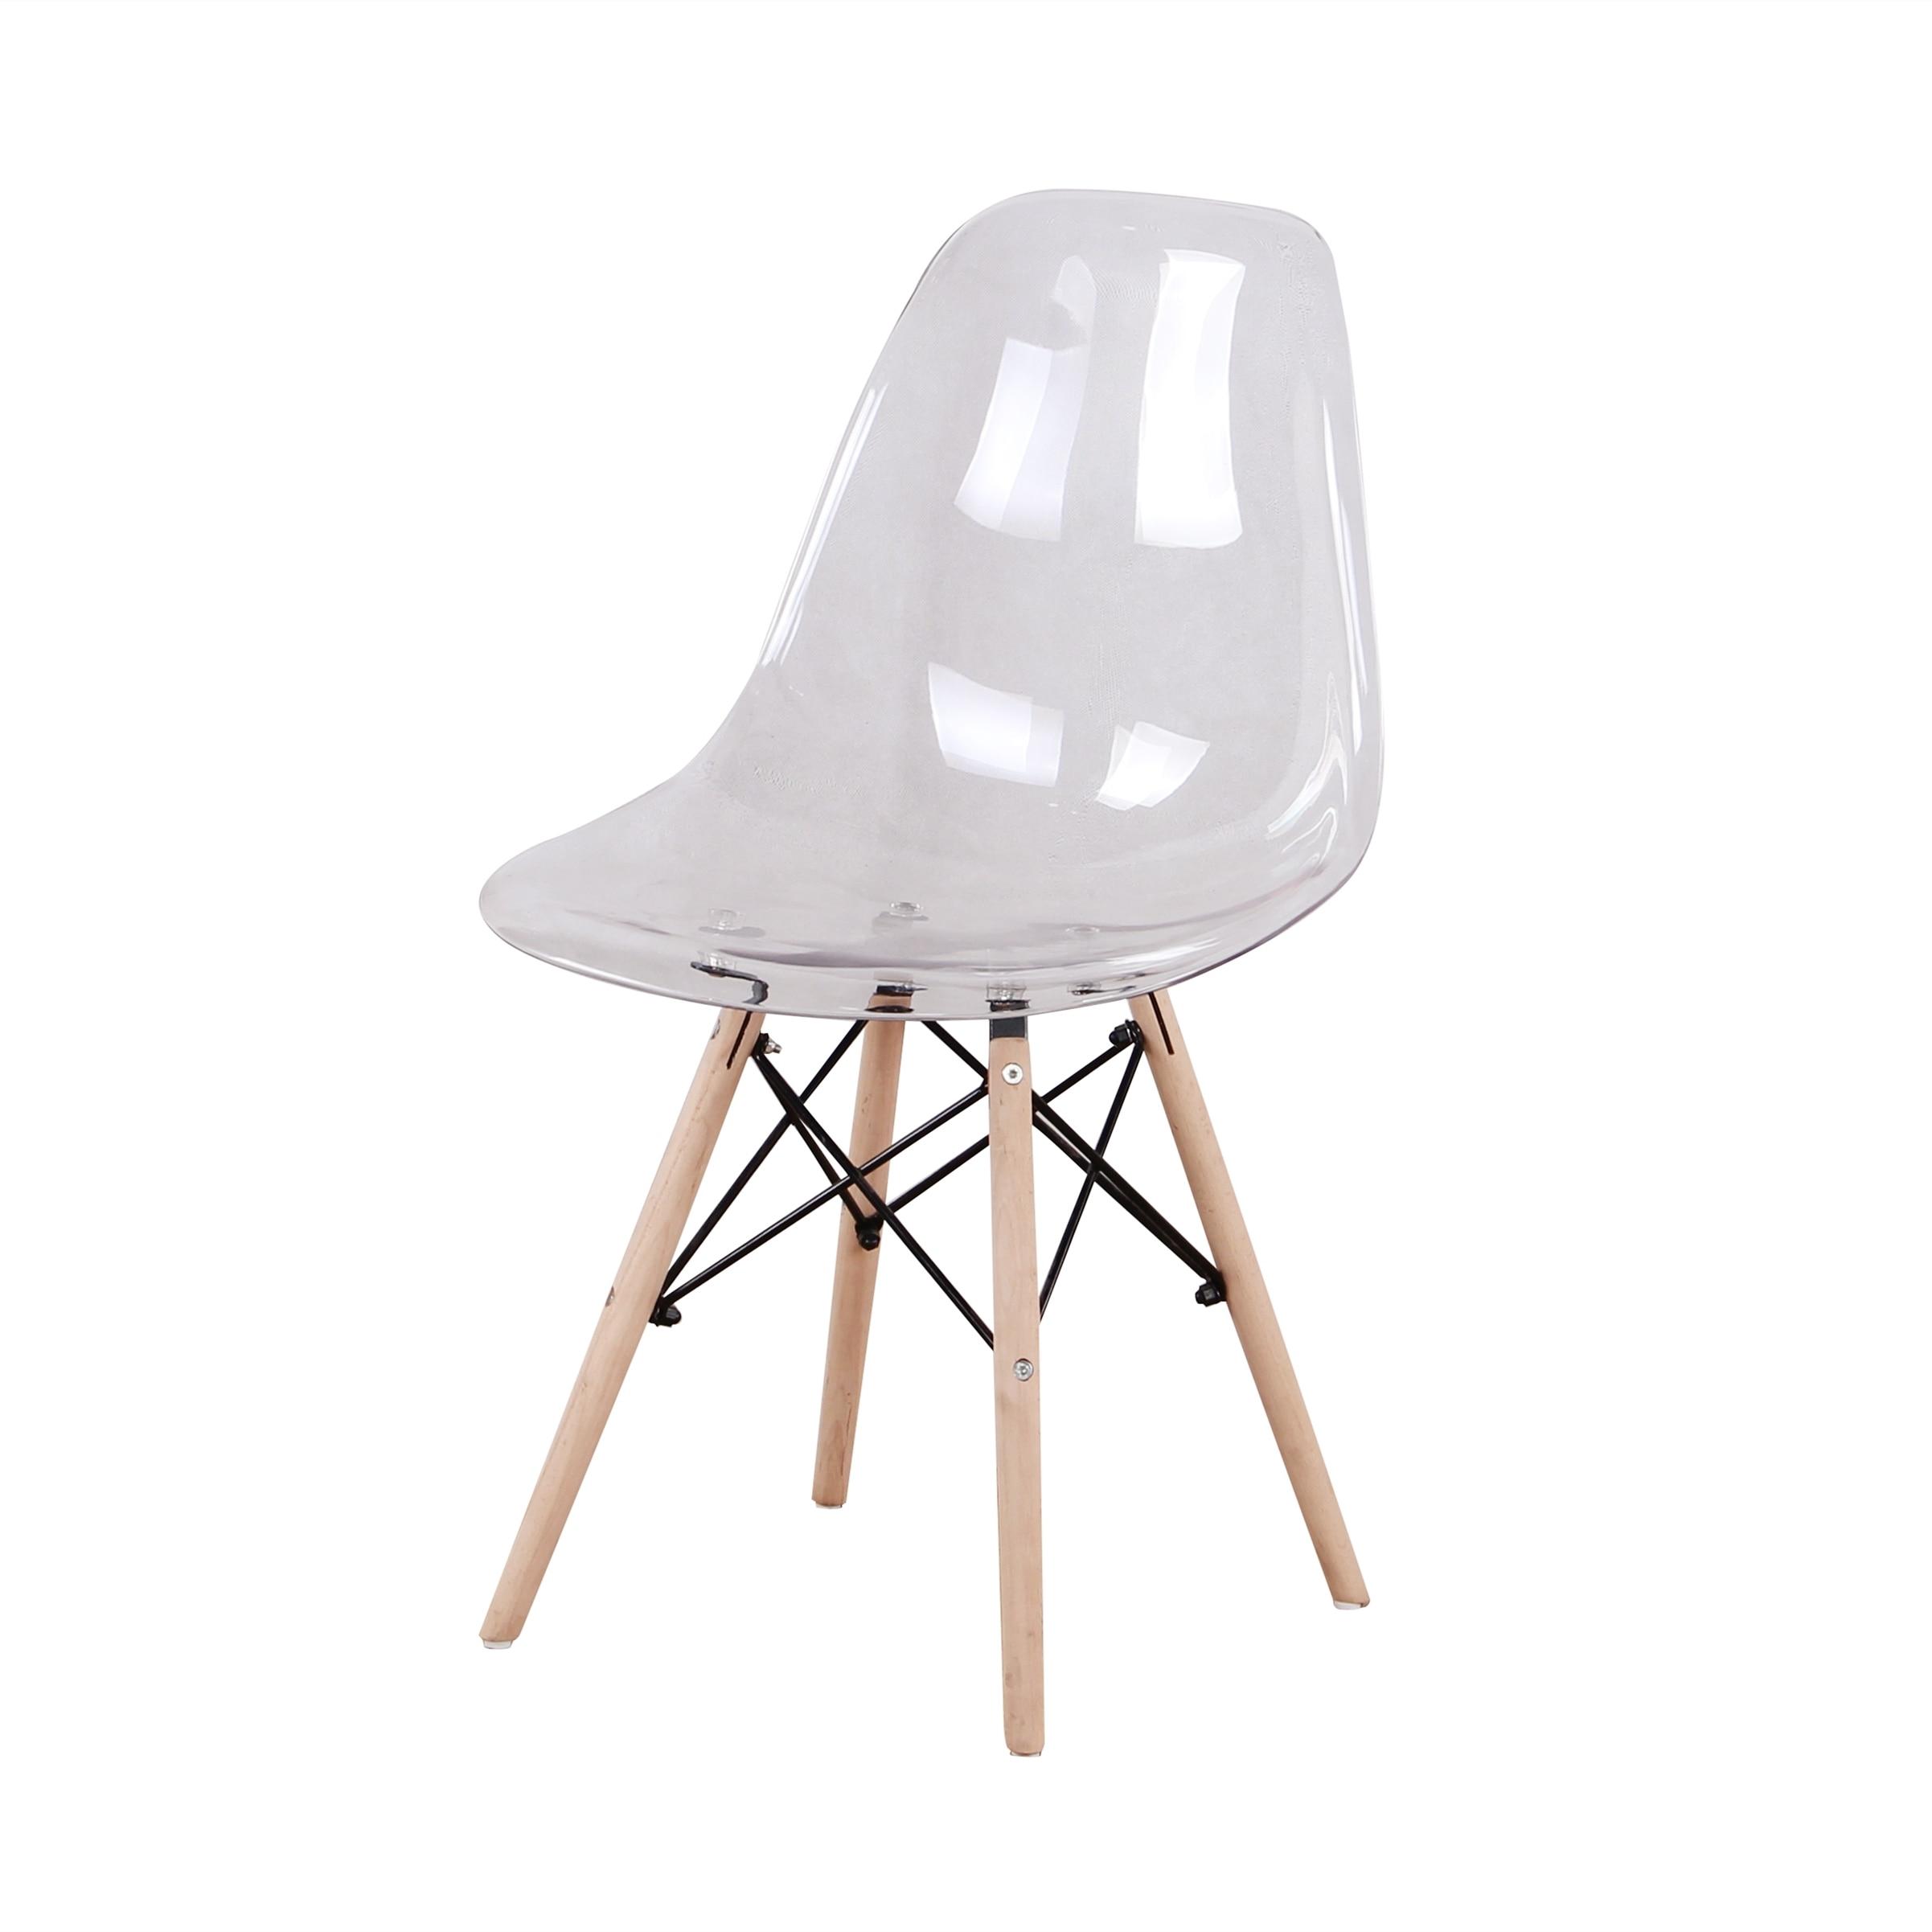 طقم من 4 ، مقعد ABS ، أرجل زان طبيعية ، لكراسي المكتب/كراسي غرفة المعيشة/كراسي الطعام